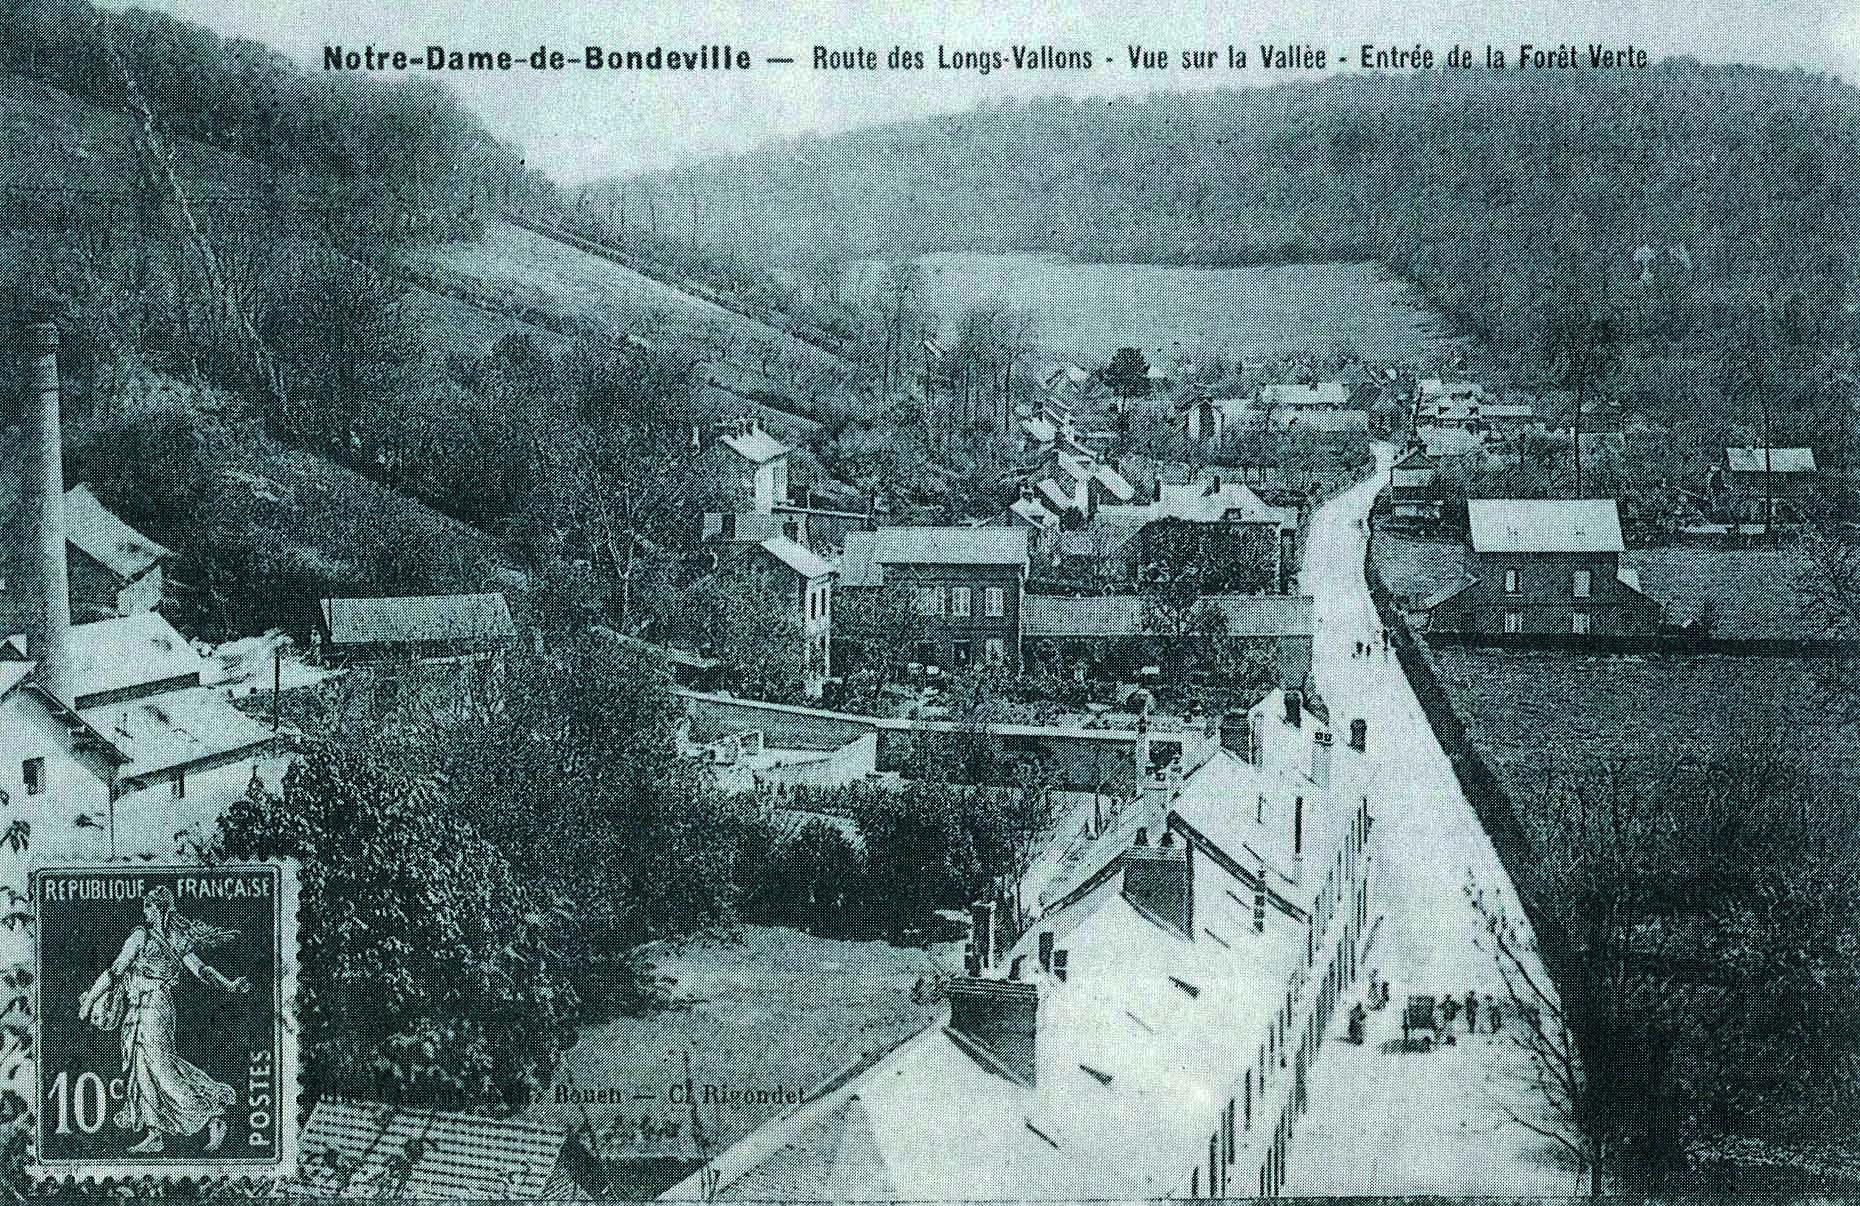 Les temps modernes ville de notre dame de bondeville - Piscine notre dame de bondeville ...